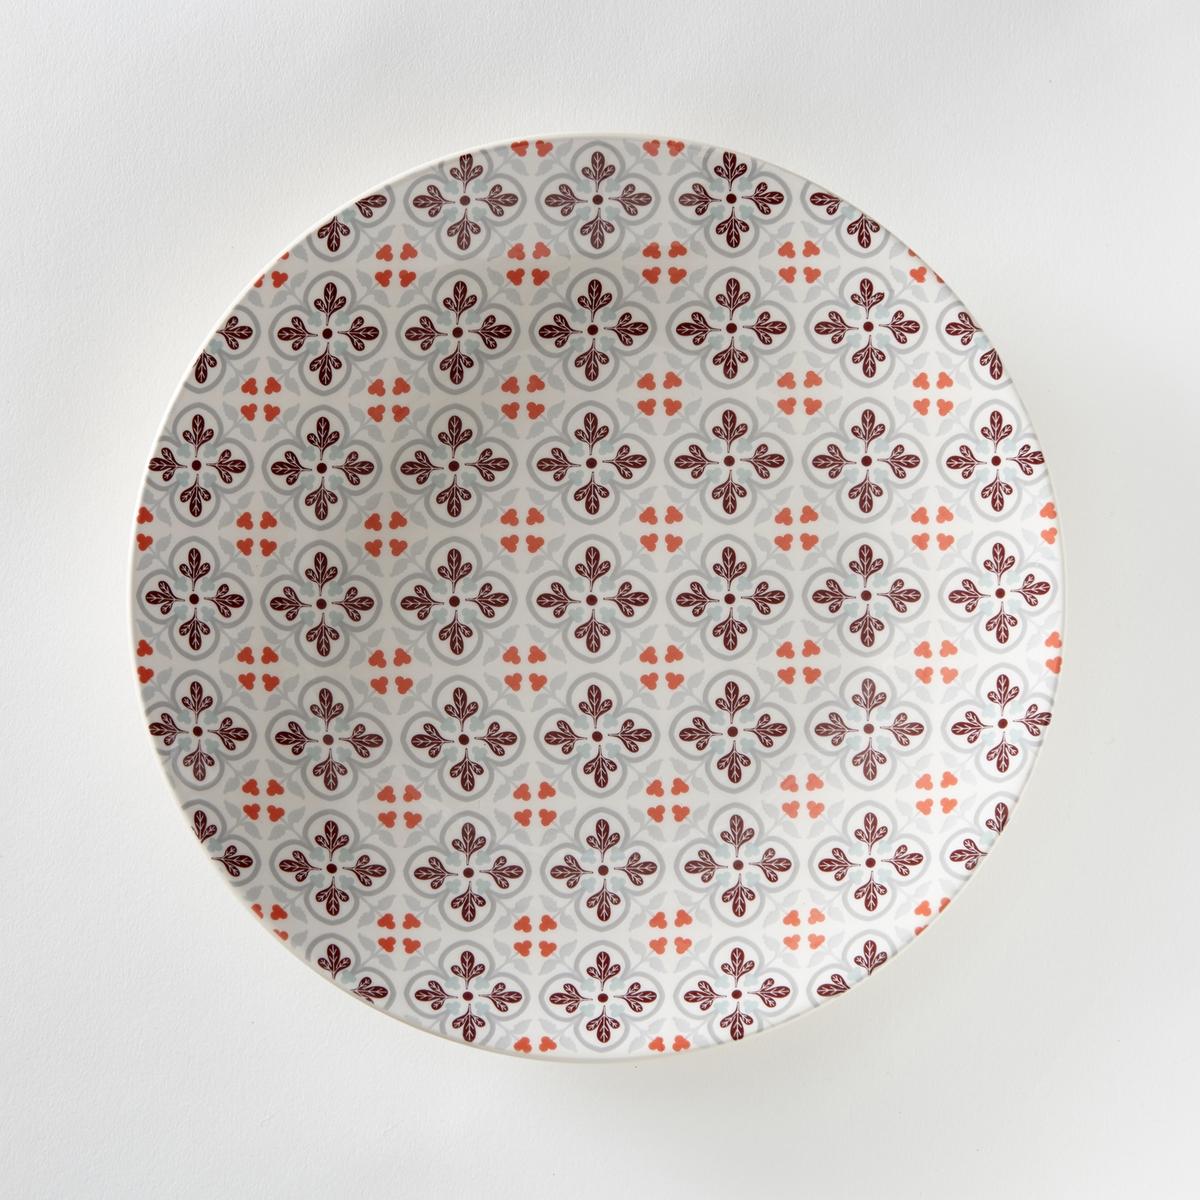 Комплект из 4 мелких тарелок из фаянса, диаметр 26,5 см от La Redoute